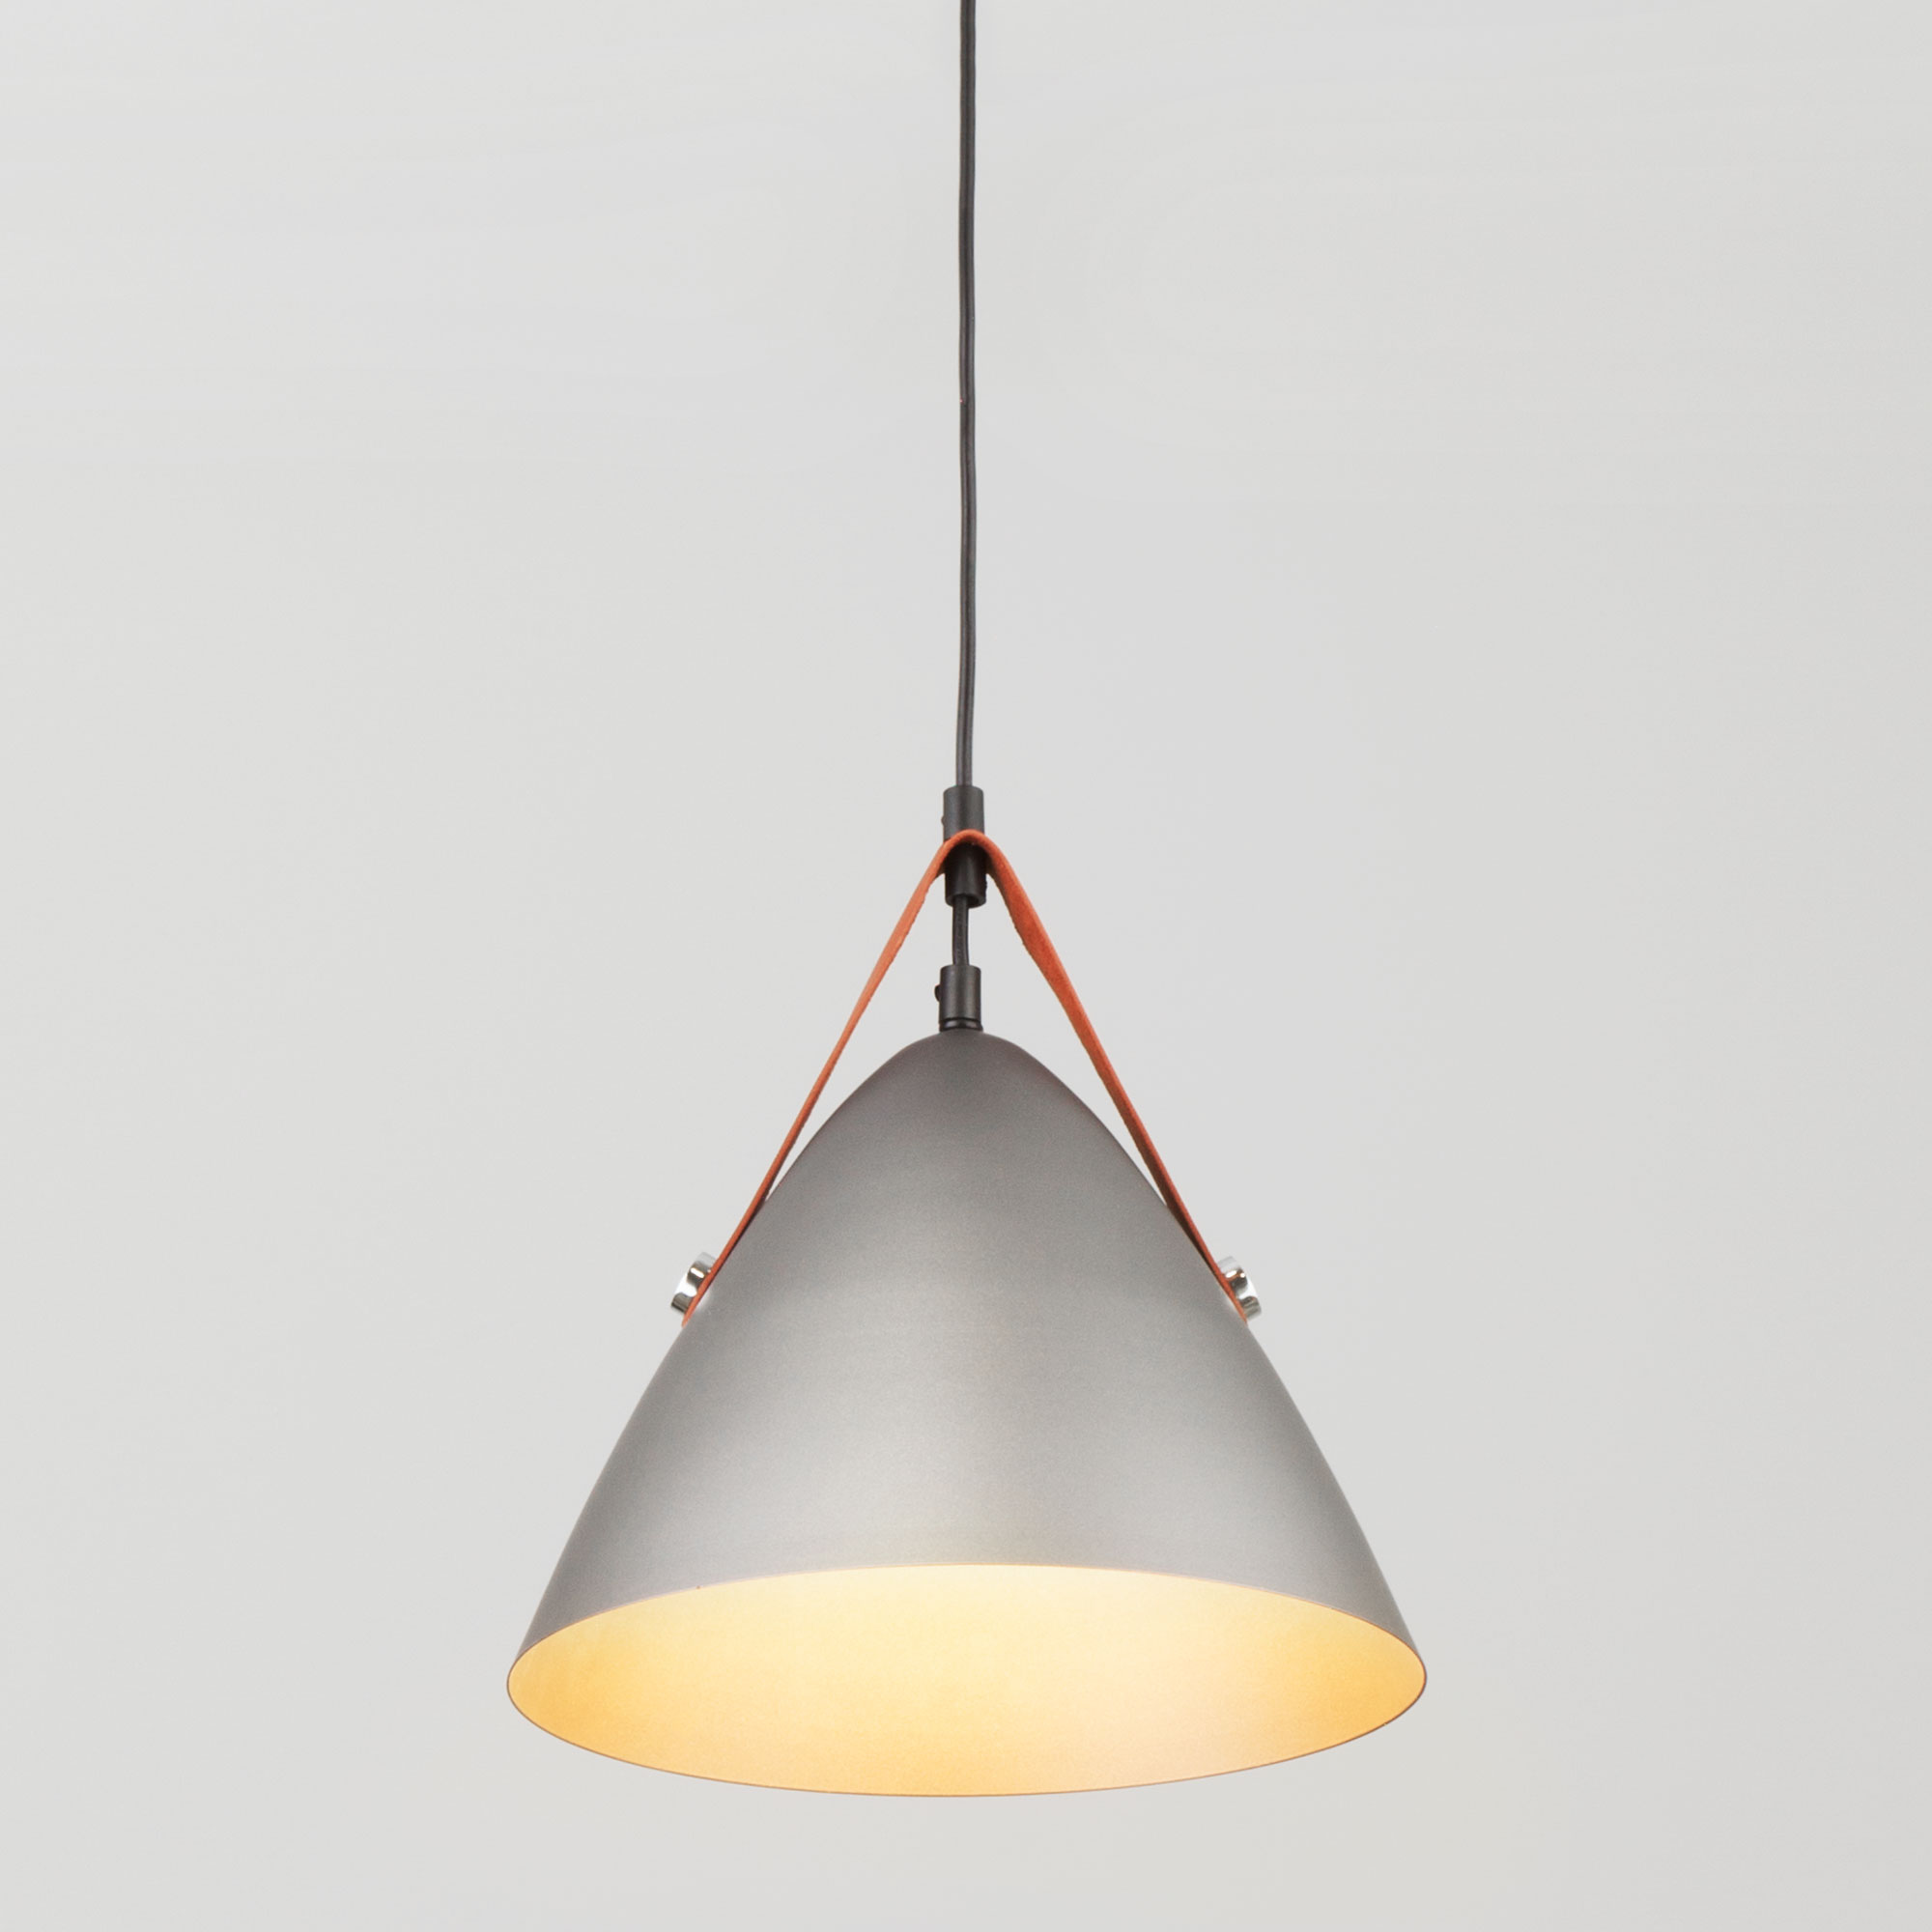 Подвесной светильник с коническим плафоном 50141/1 серый